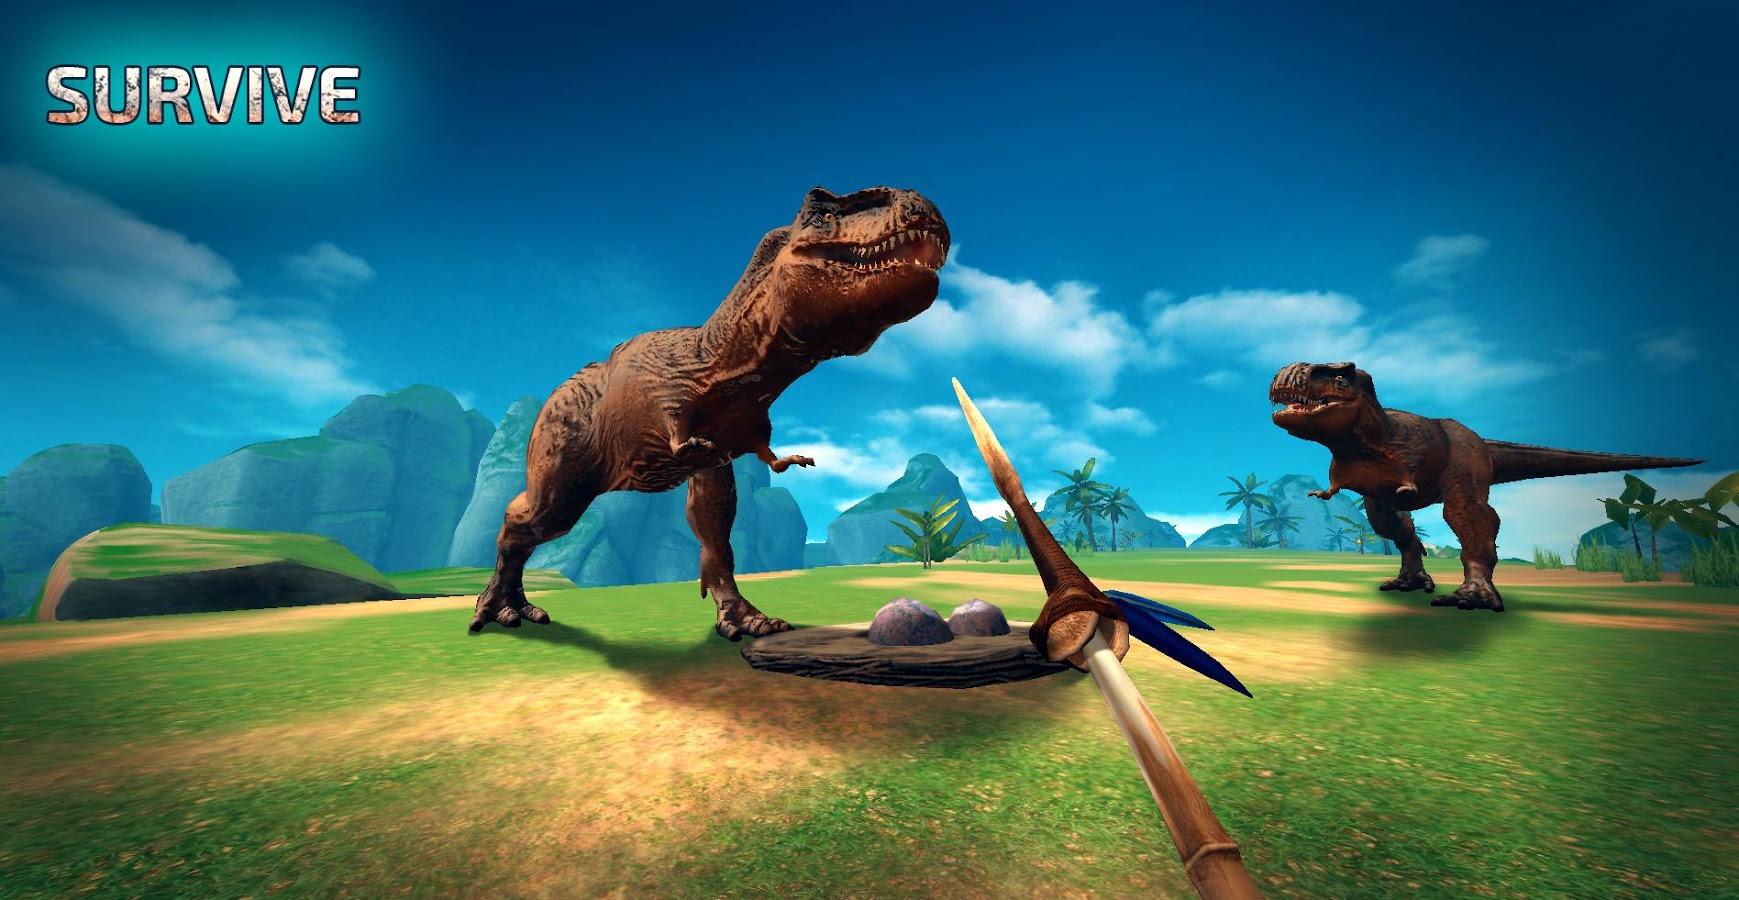 Sélection de jeux Android gratuits - Ex : Jurassic Survival Island: Evolve Pro (au lieu de 1.19€)